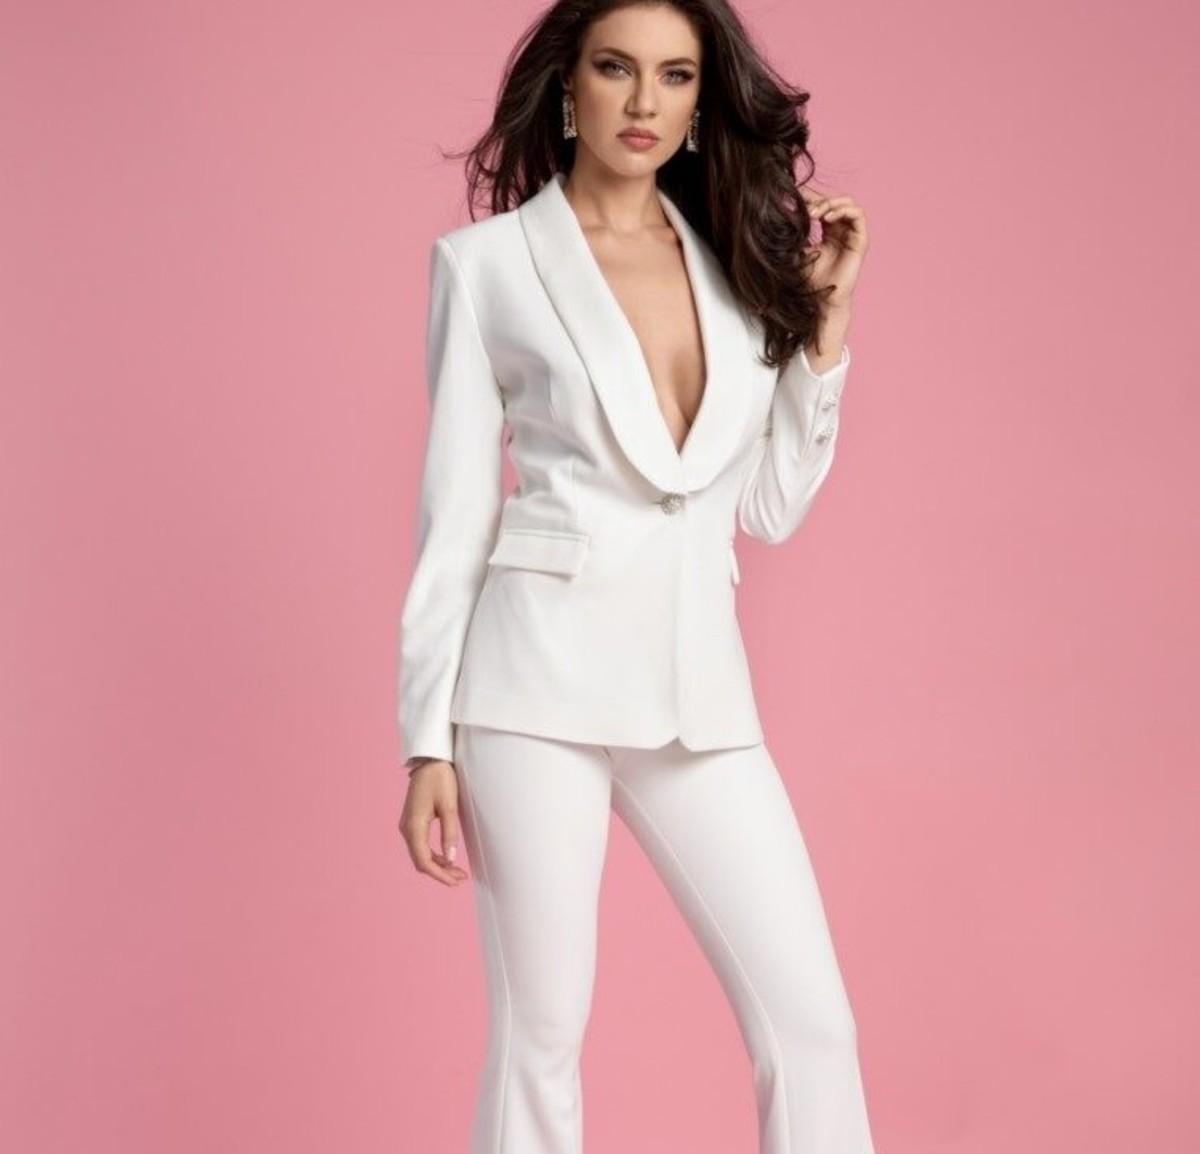 giacche eleganti da donna